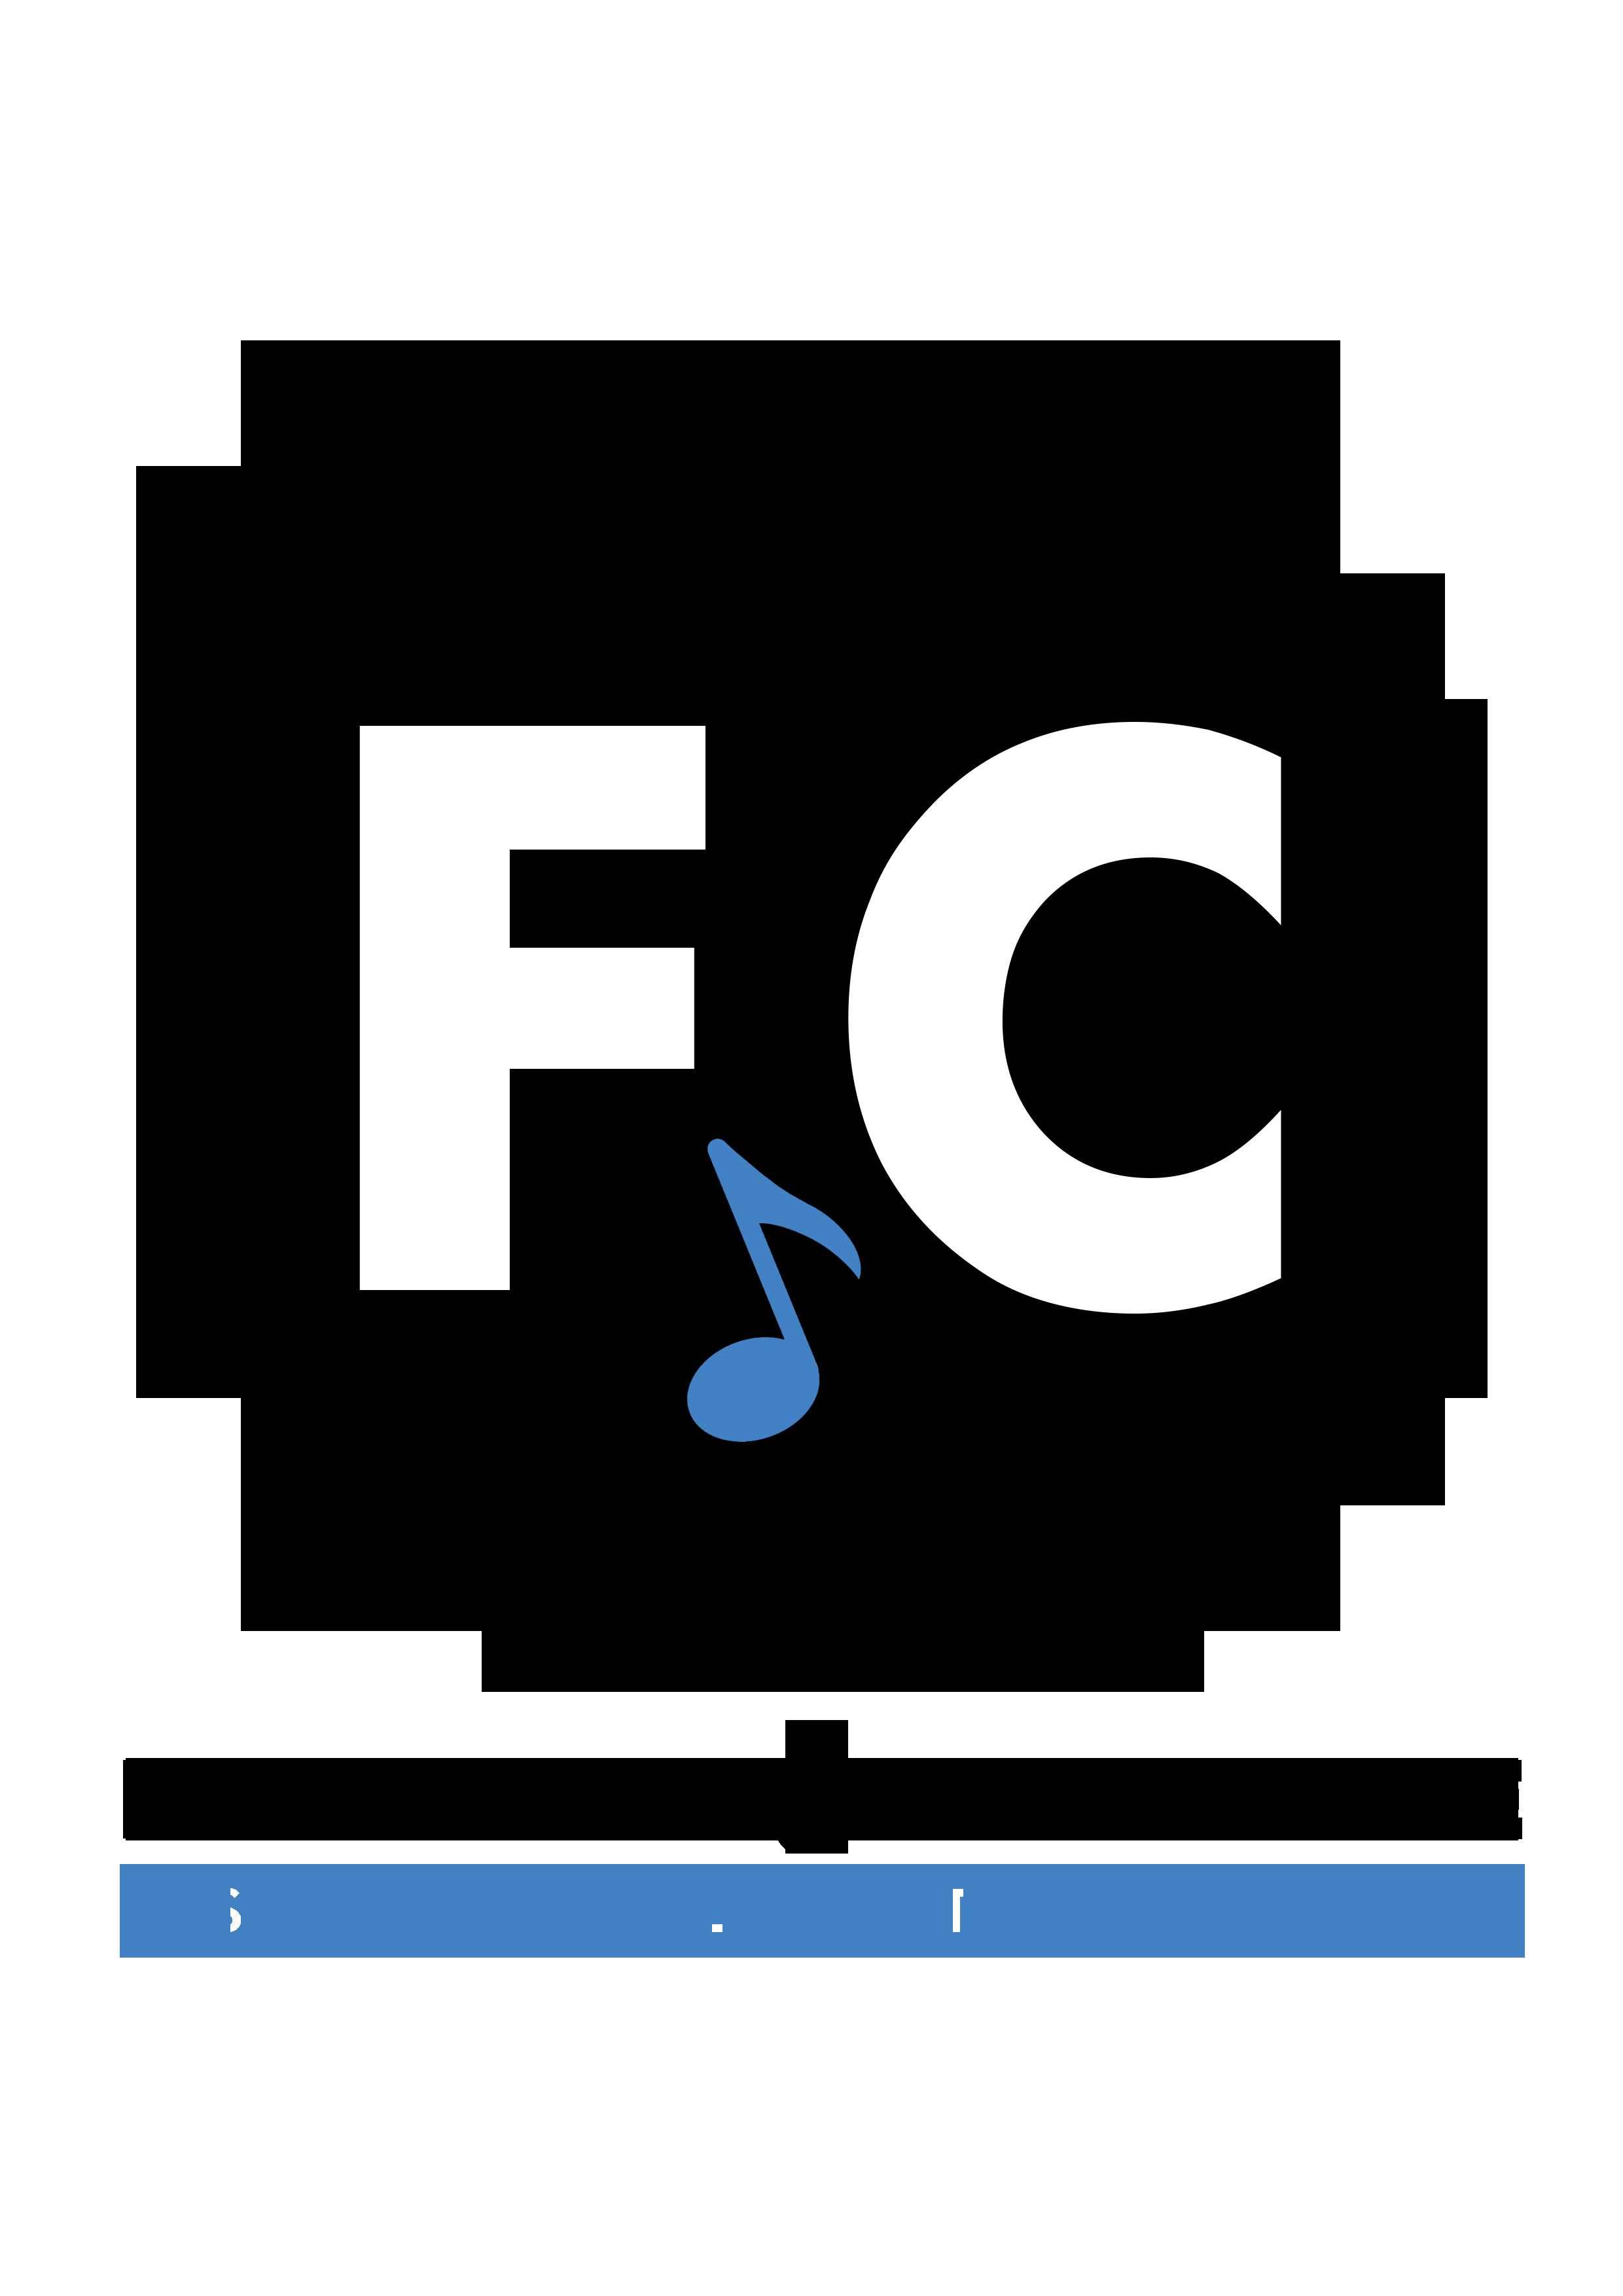 Associació dels Festivals de Música de Calonge